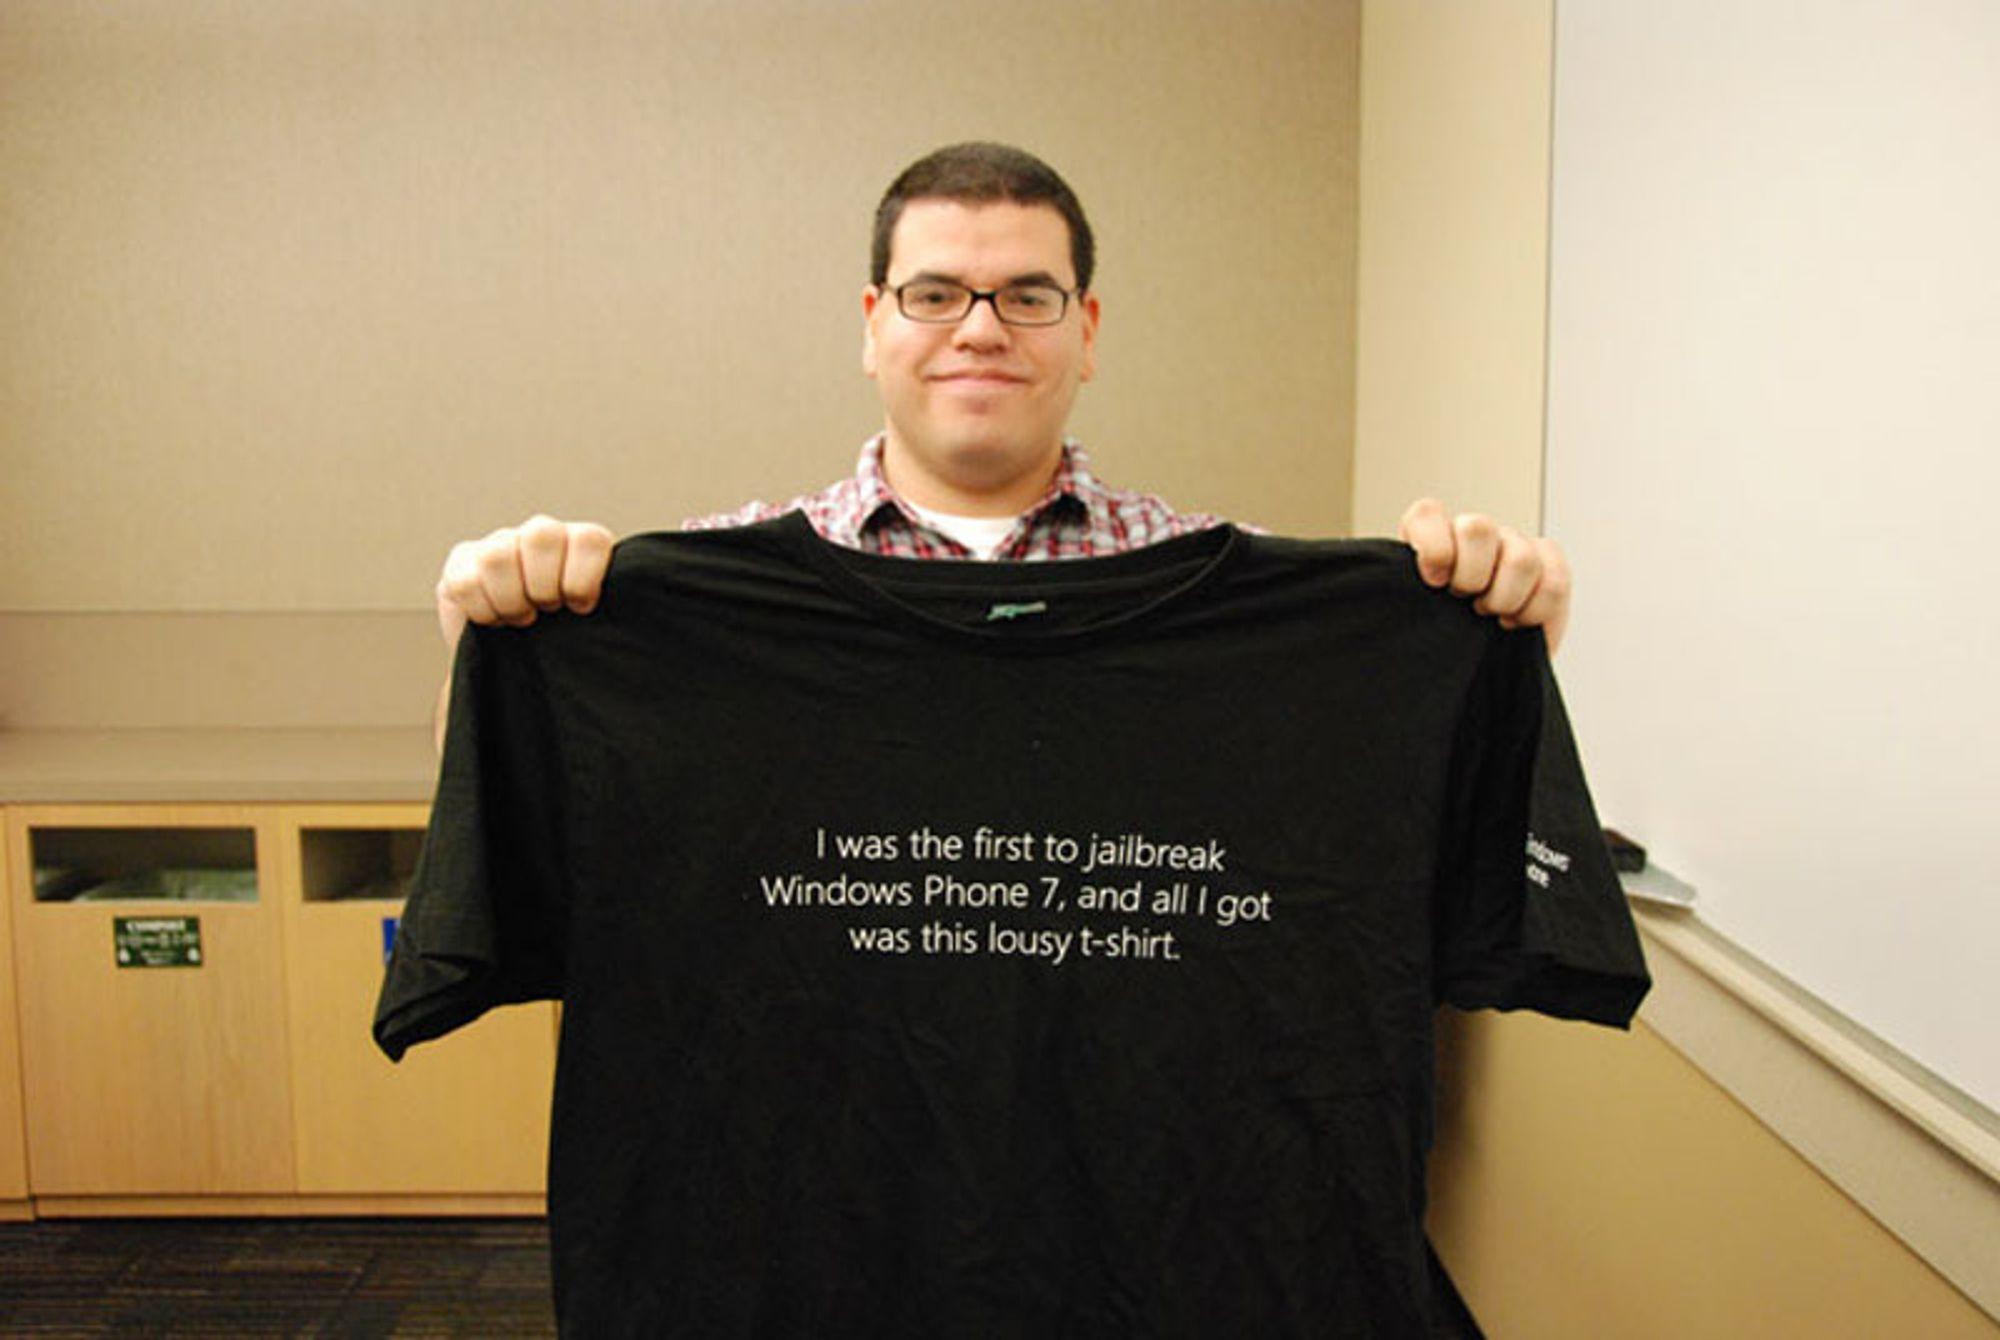 Microsoft gir premie til WP7-jailbreakerne